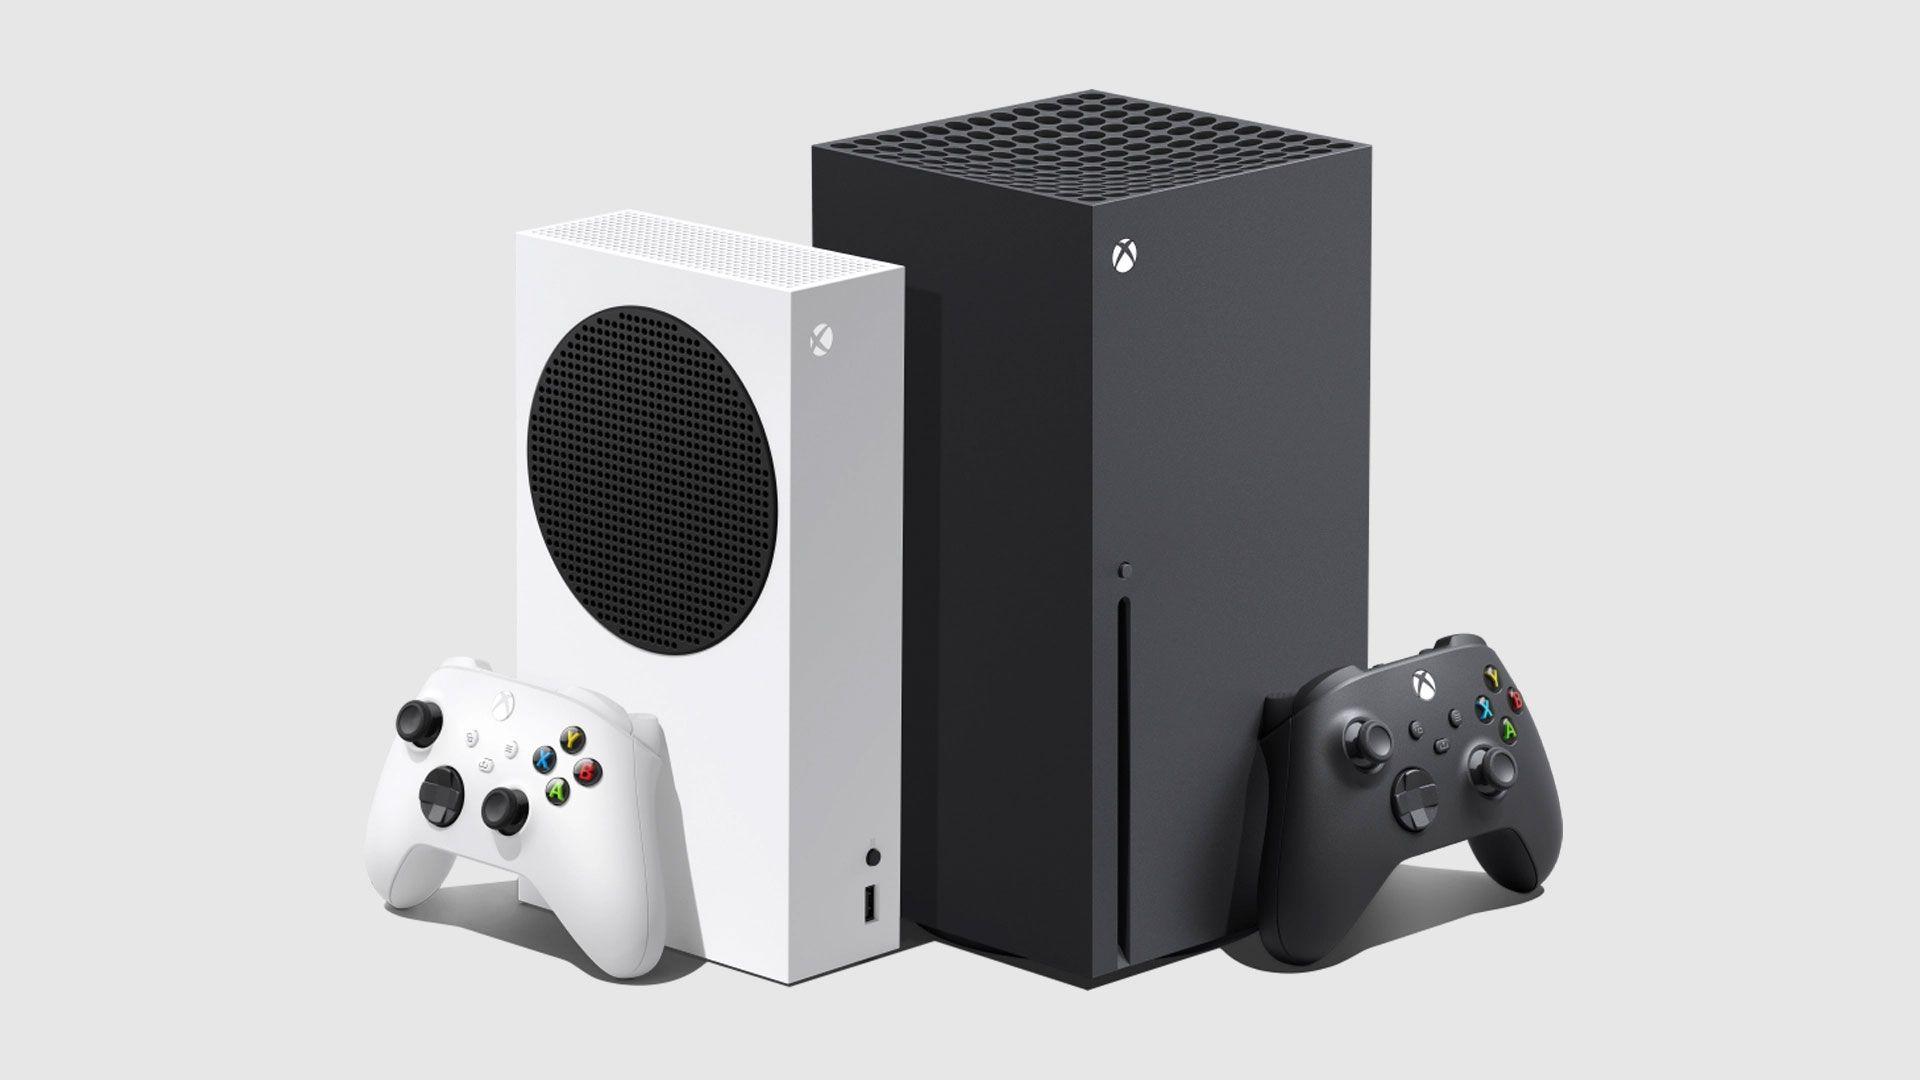 O Xbox Series X (Direita) e Series S (Esquerda) foram os primeiros consoles da nova geração em 2020 (Divulgação: Xbox)